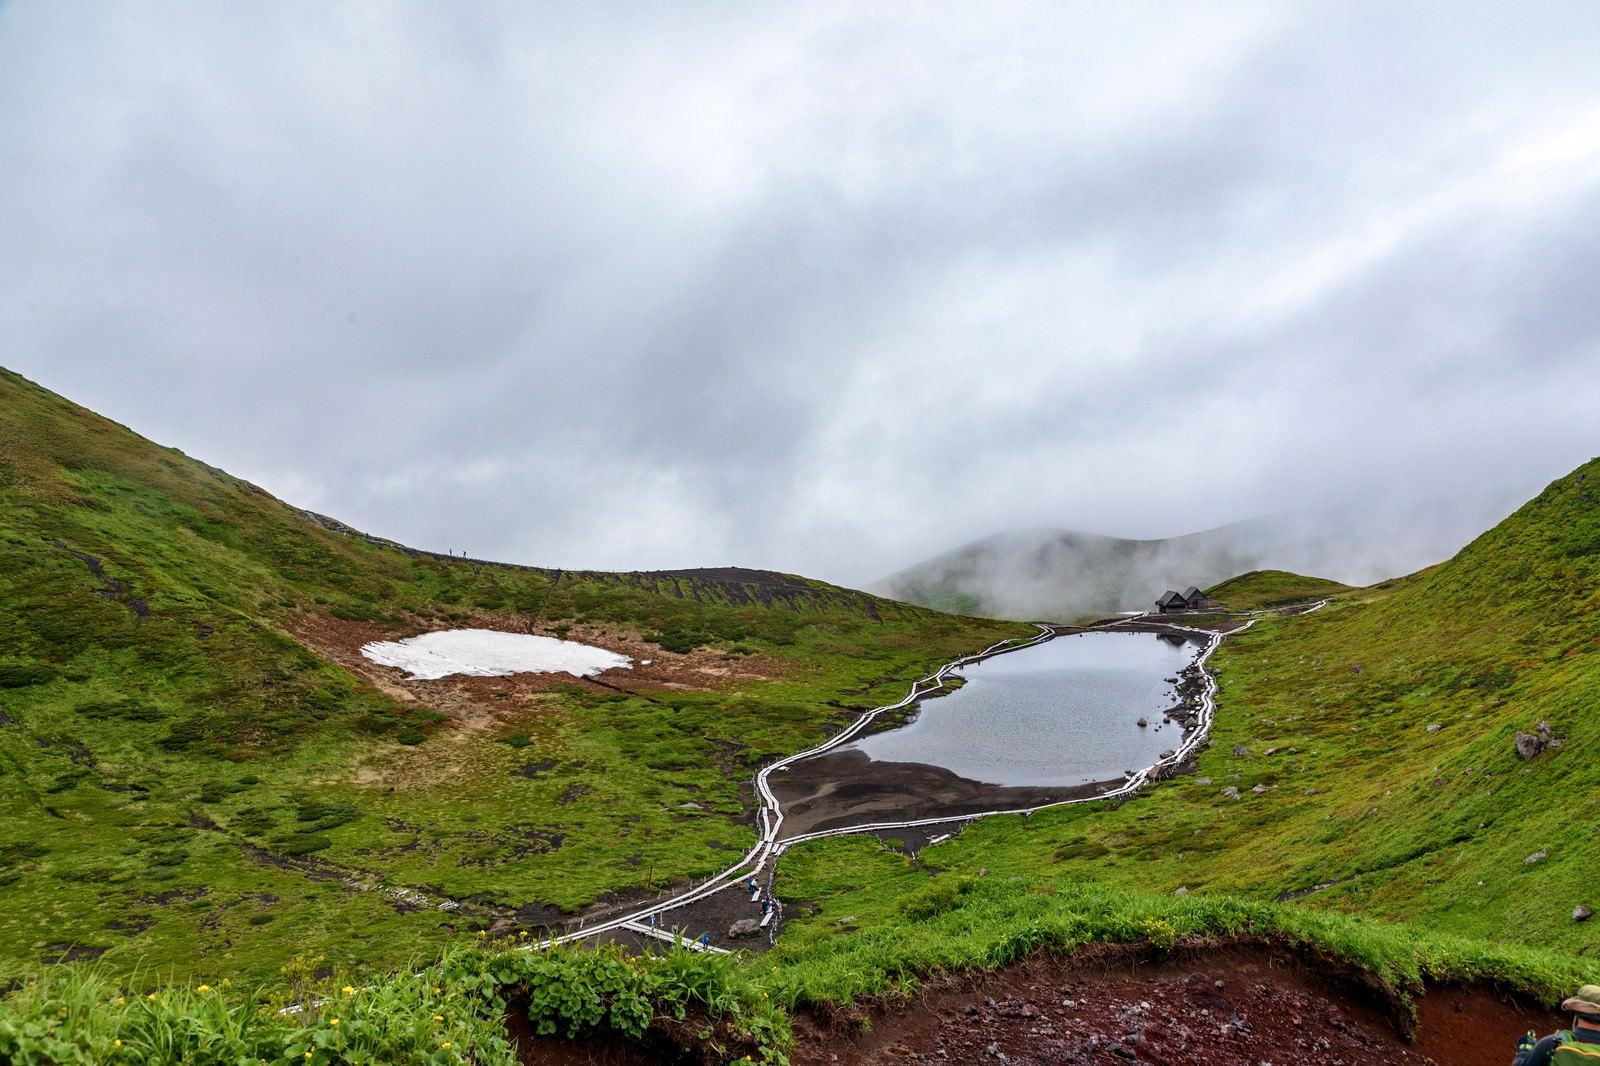 「阿弥陀池と眼下に迫る雲(秋田駒ケ岳)」の写真